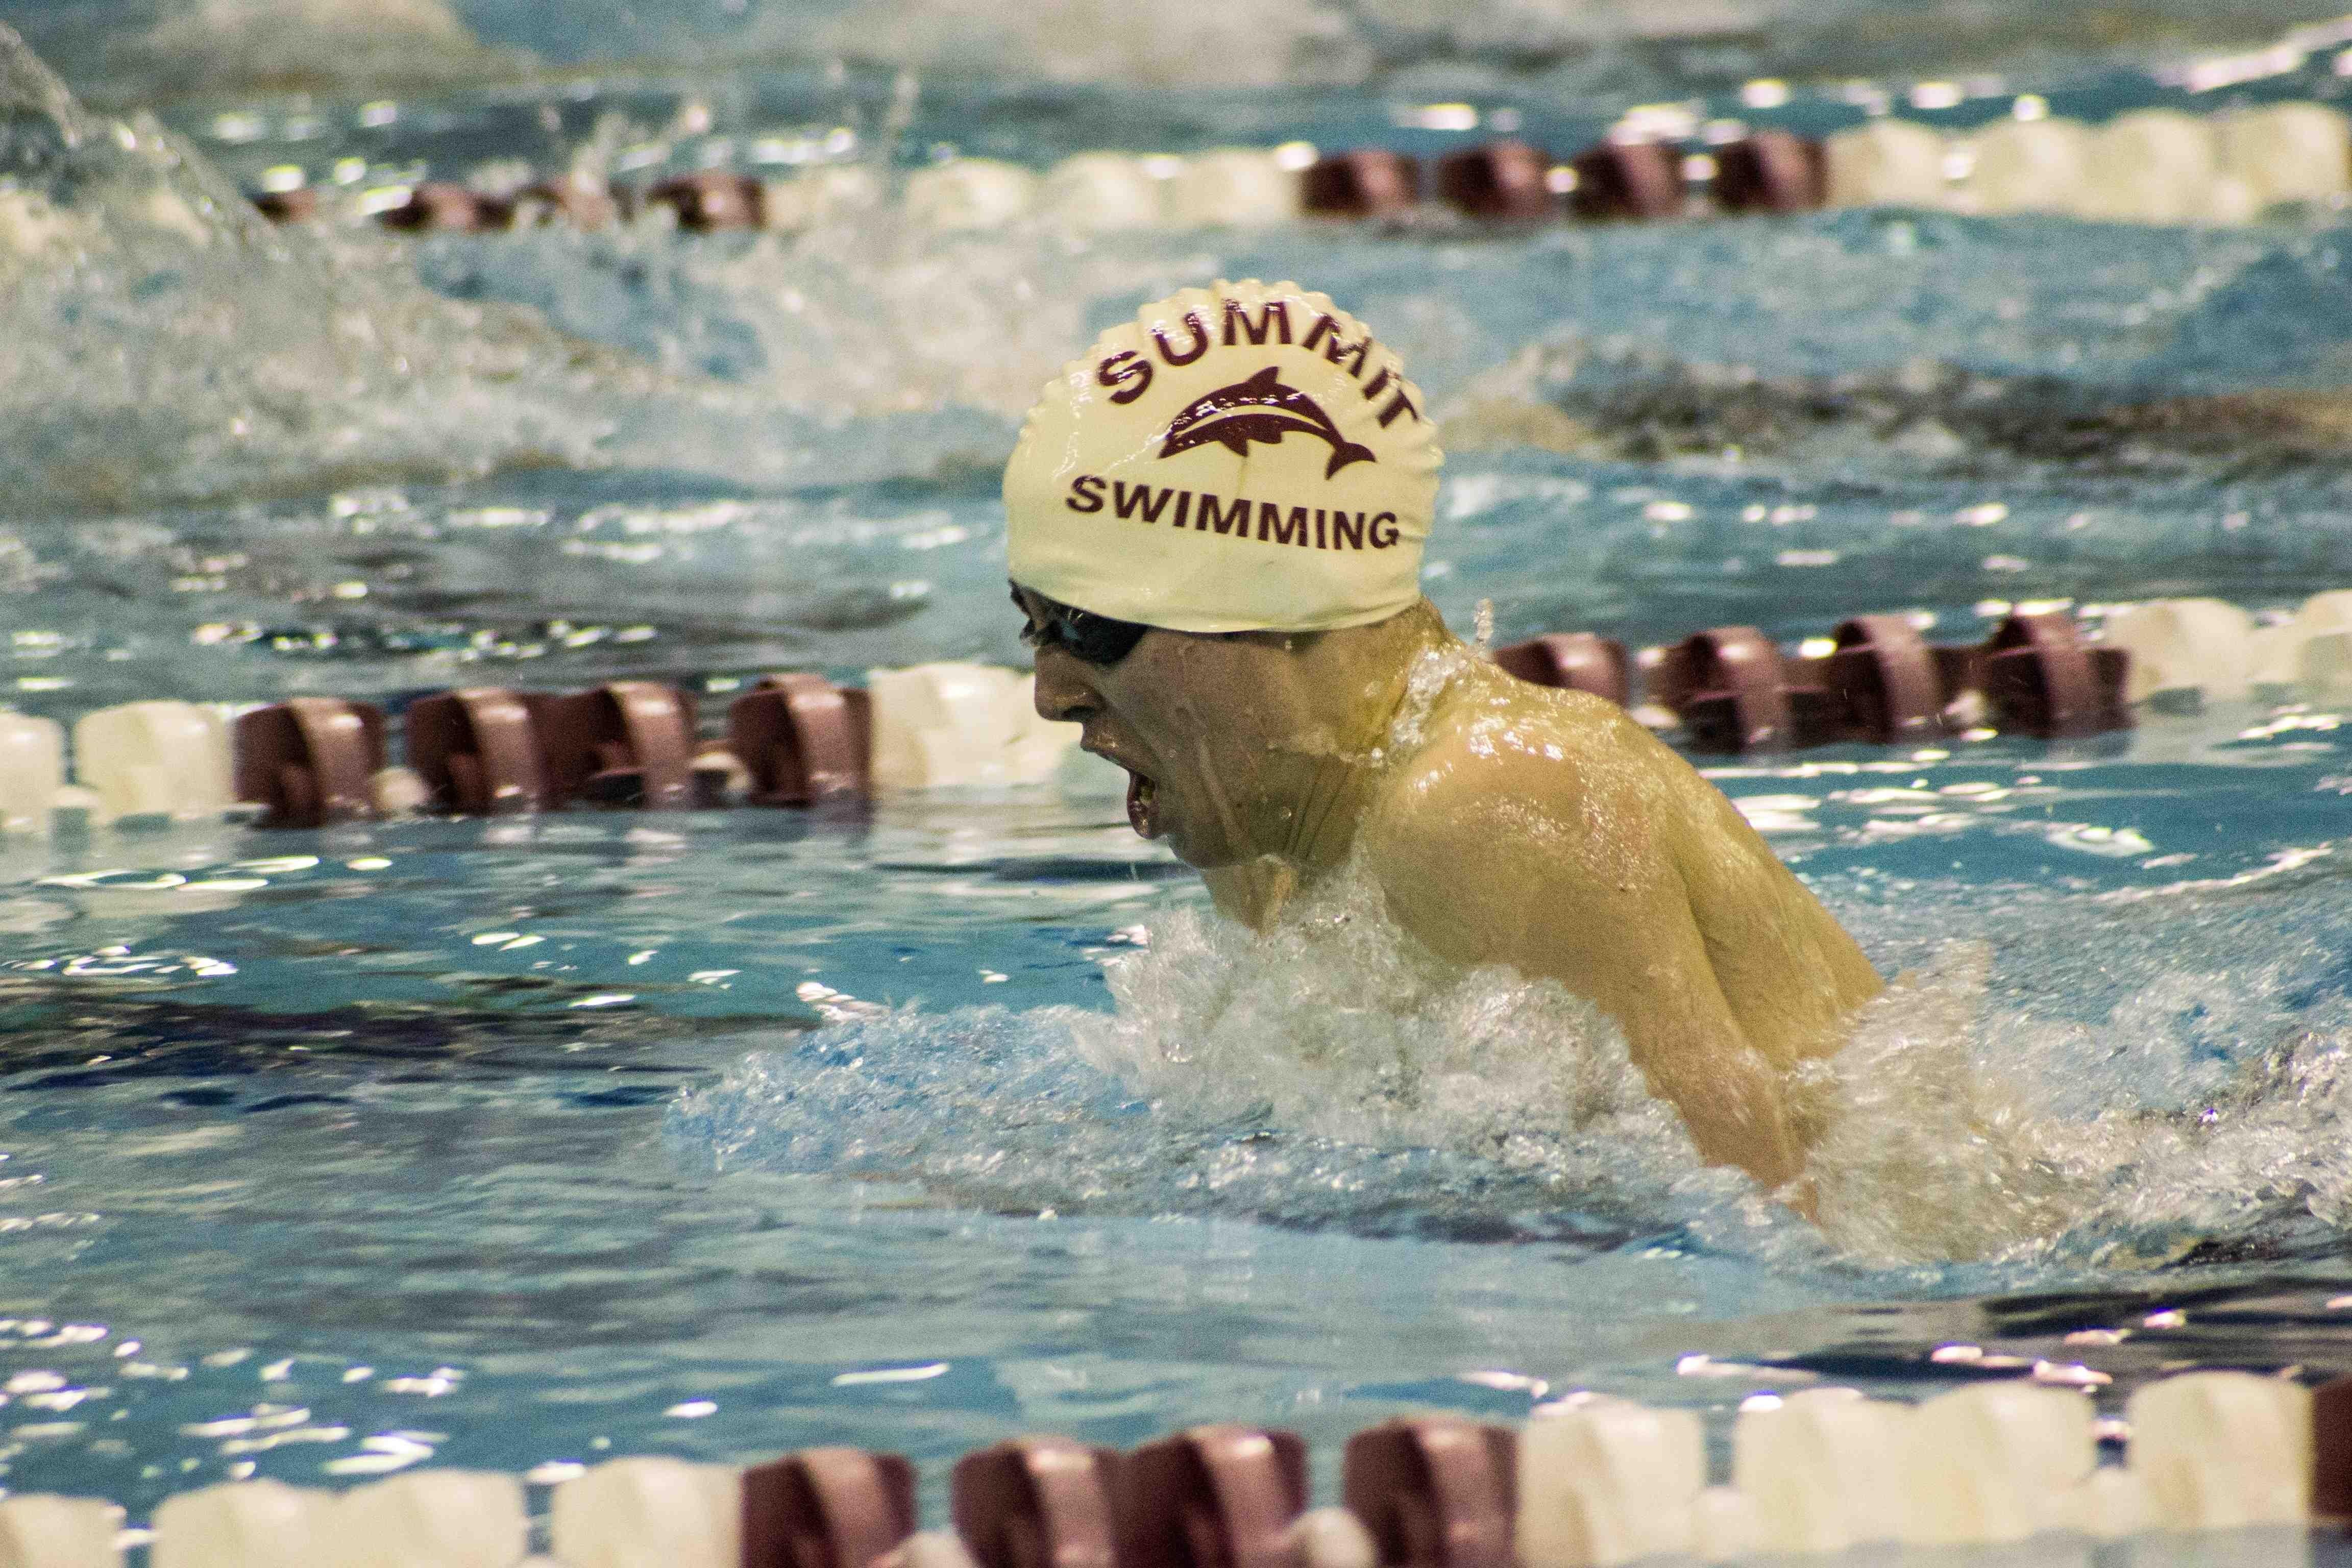 802418a6702368ae7c3a_Summit_Swimming_Cap.jpg